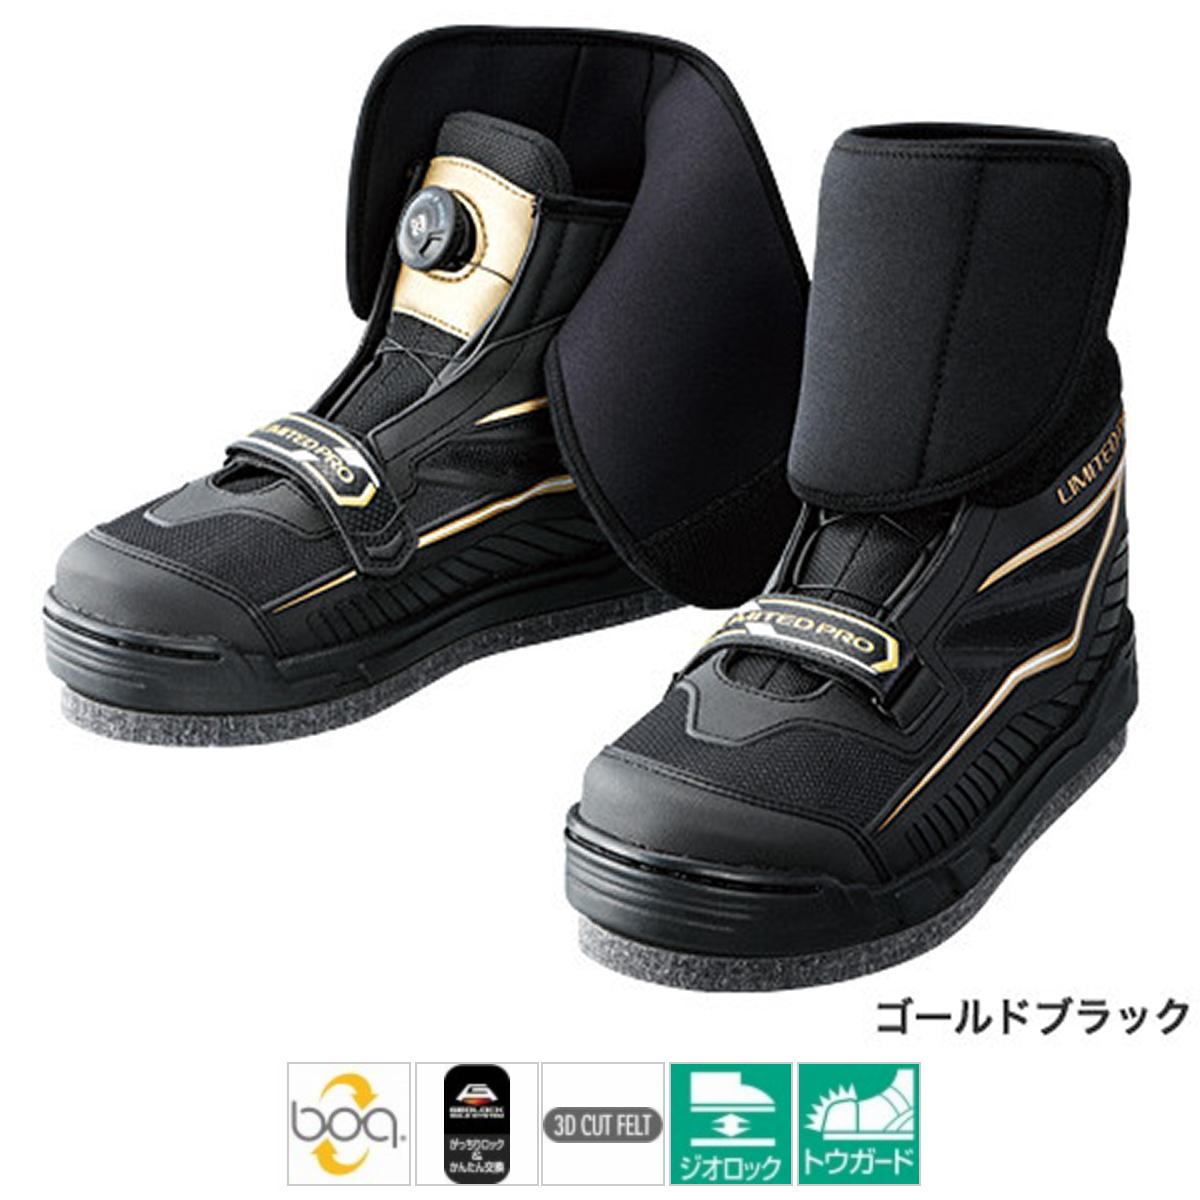 シマノ リミテッドプロ・ジオロック・3Dカットフェルトフィットシューズ FS-122P 26.0cm ゴールドブラック